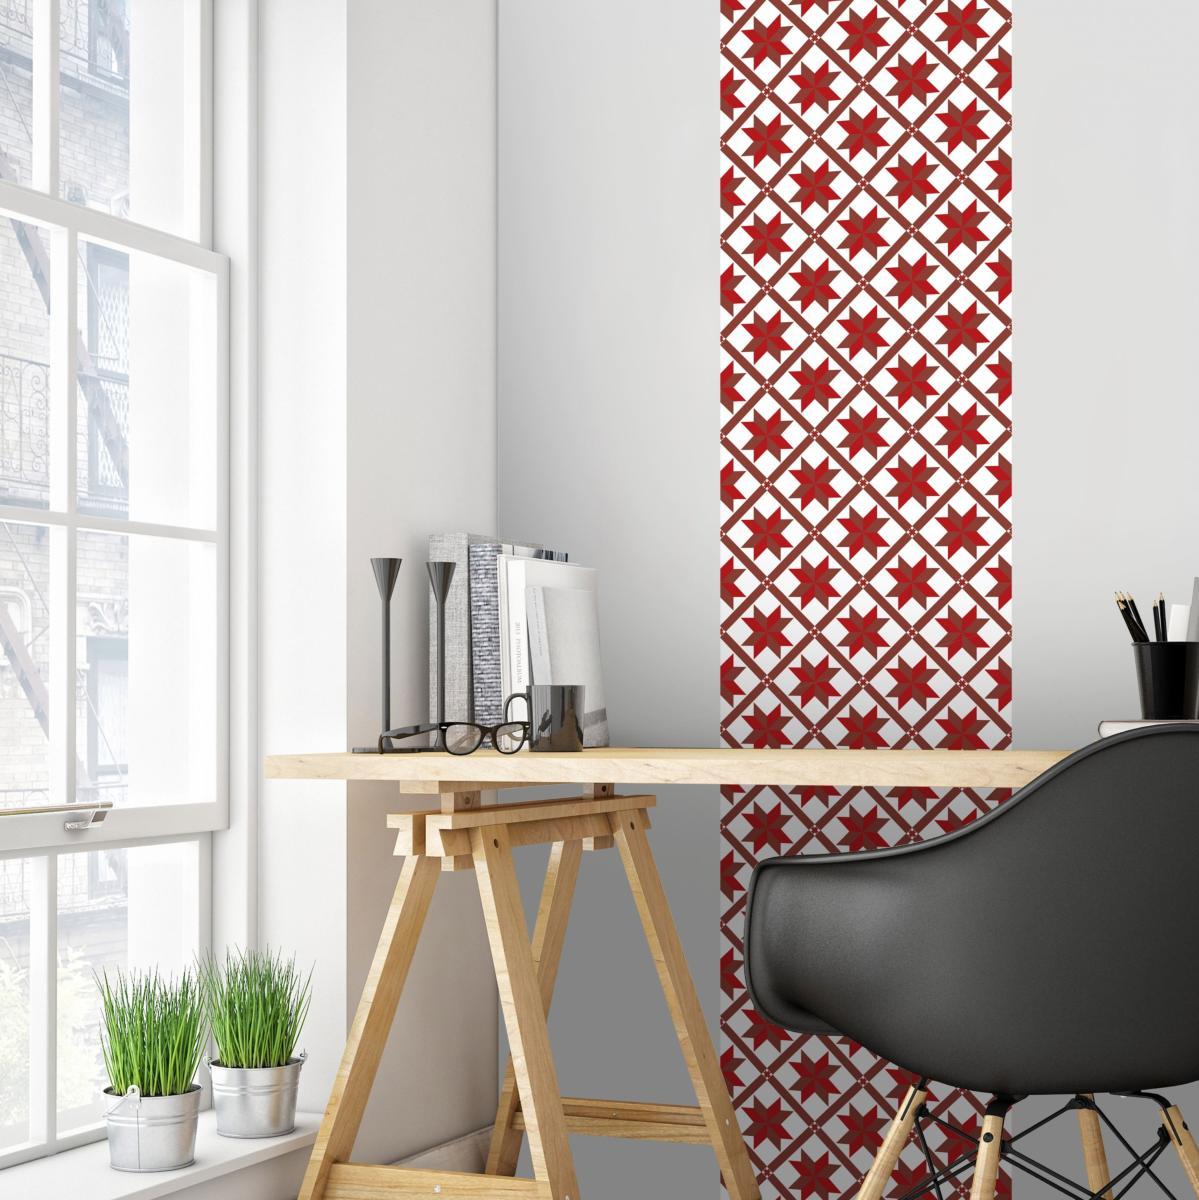 Tapisserie Carreaux De Ciment papier peint carreaux de ciment - marguerite